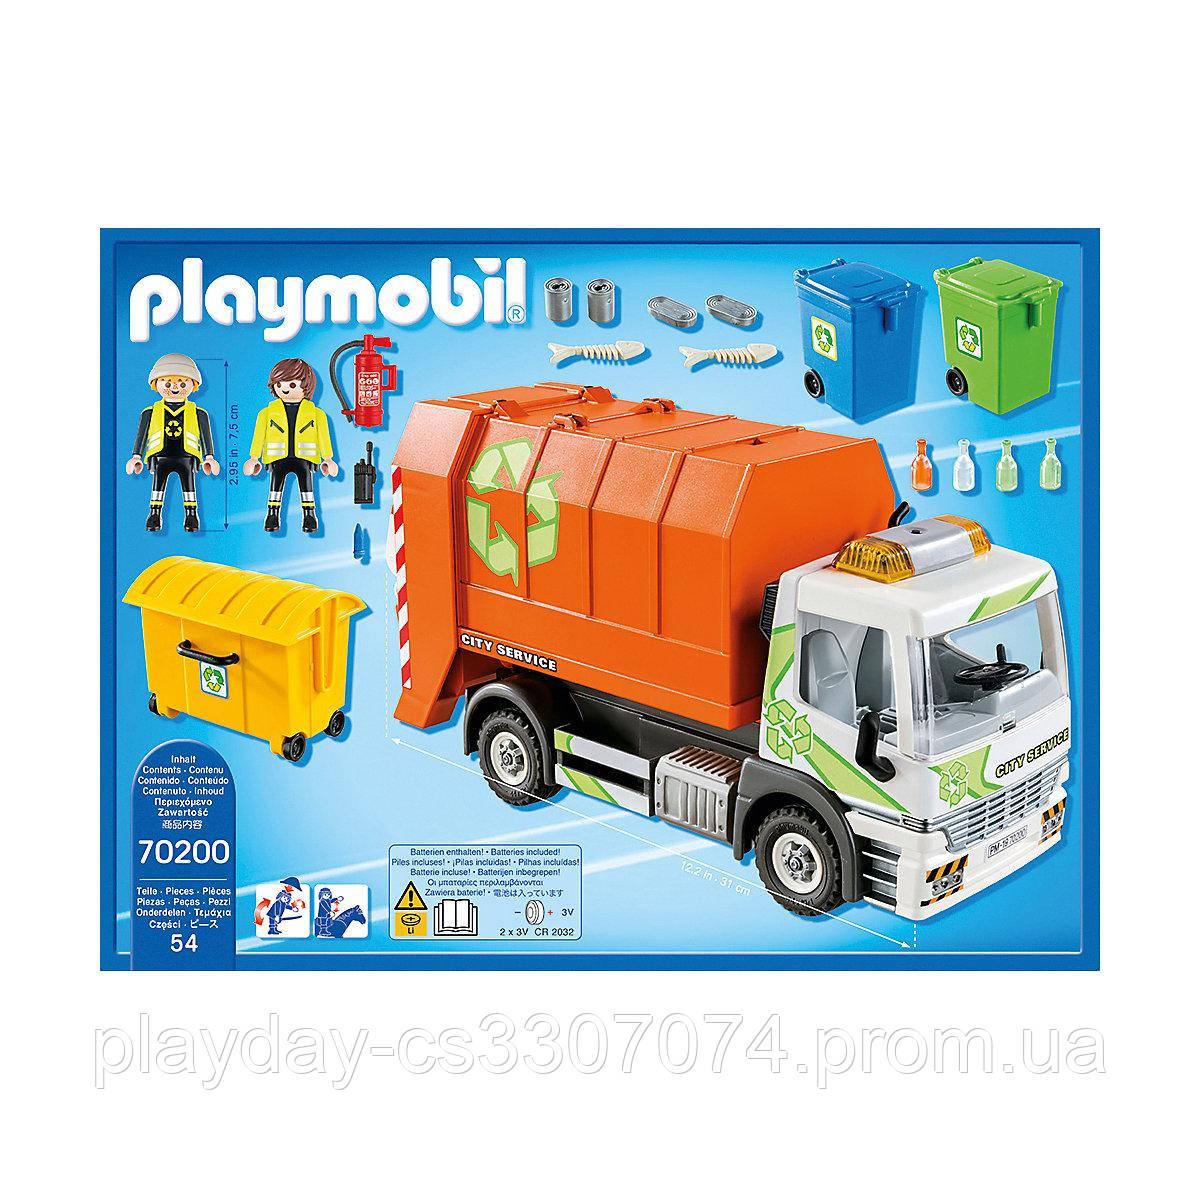 Конструктор Playmobil 70200 Мусоровоз с мигалкой и баками для сортировки мусора